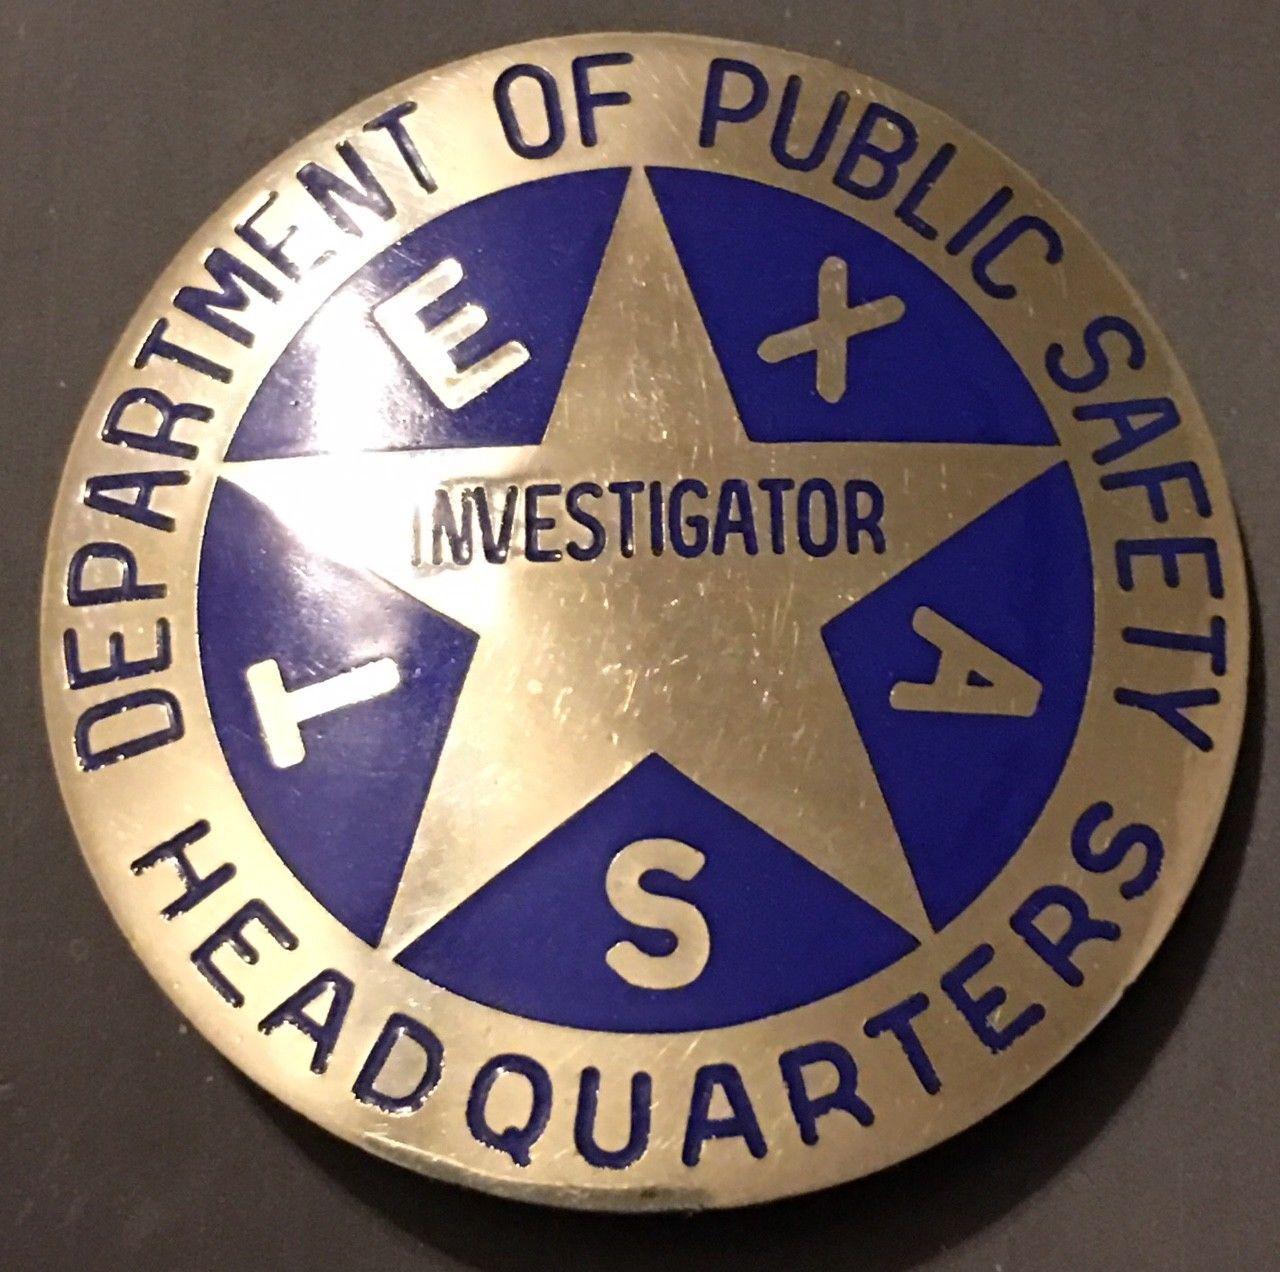 Investigator, Headquarters Department of Public Safety